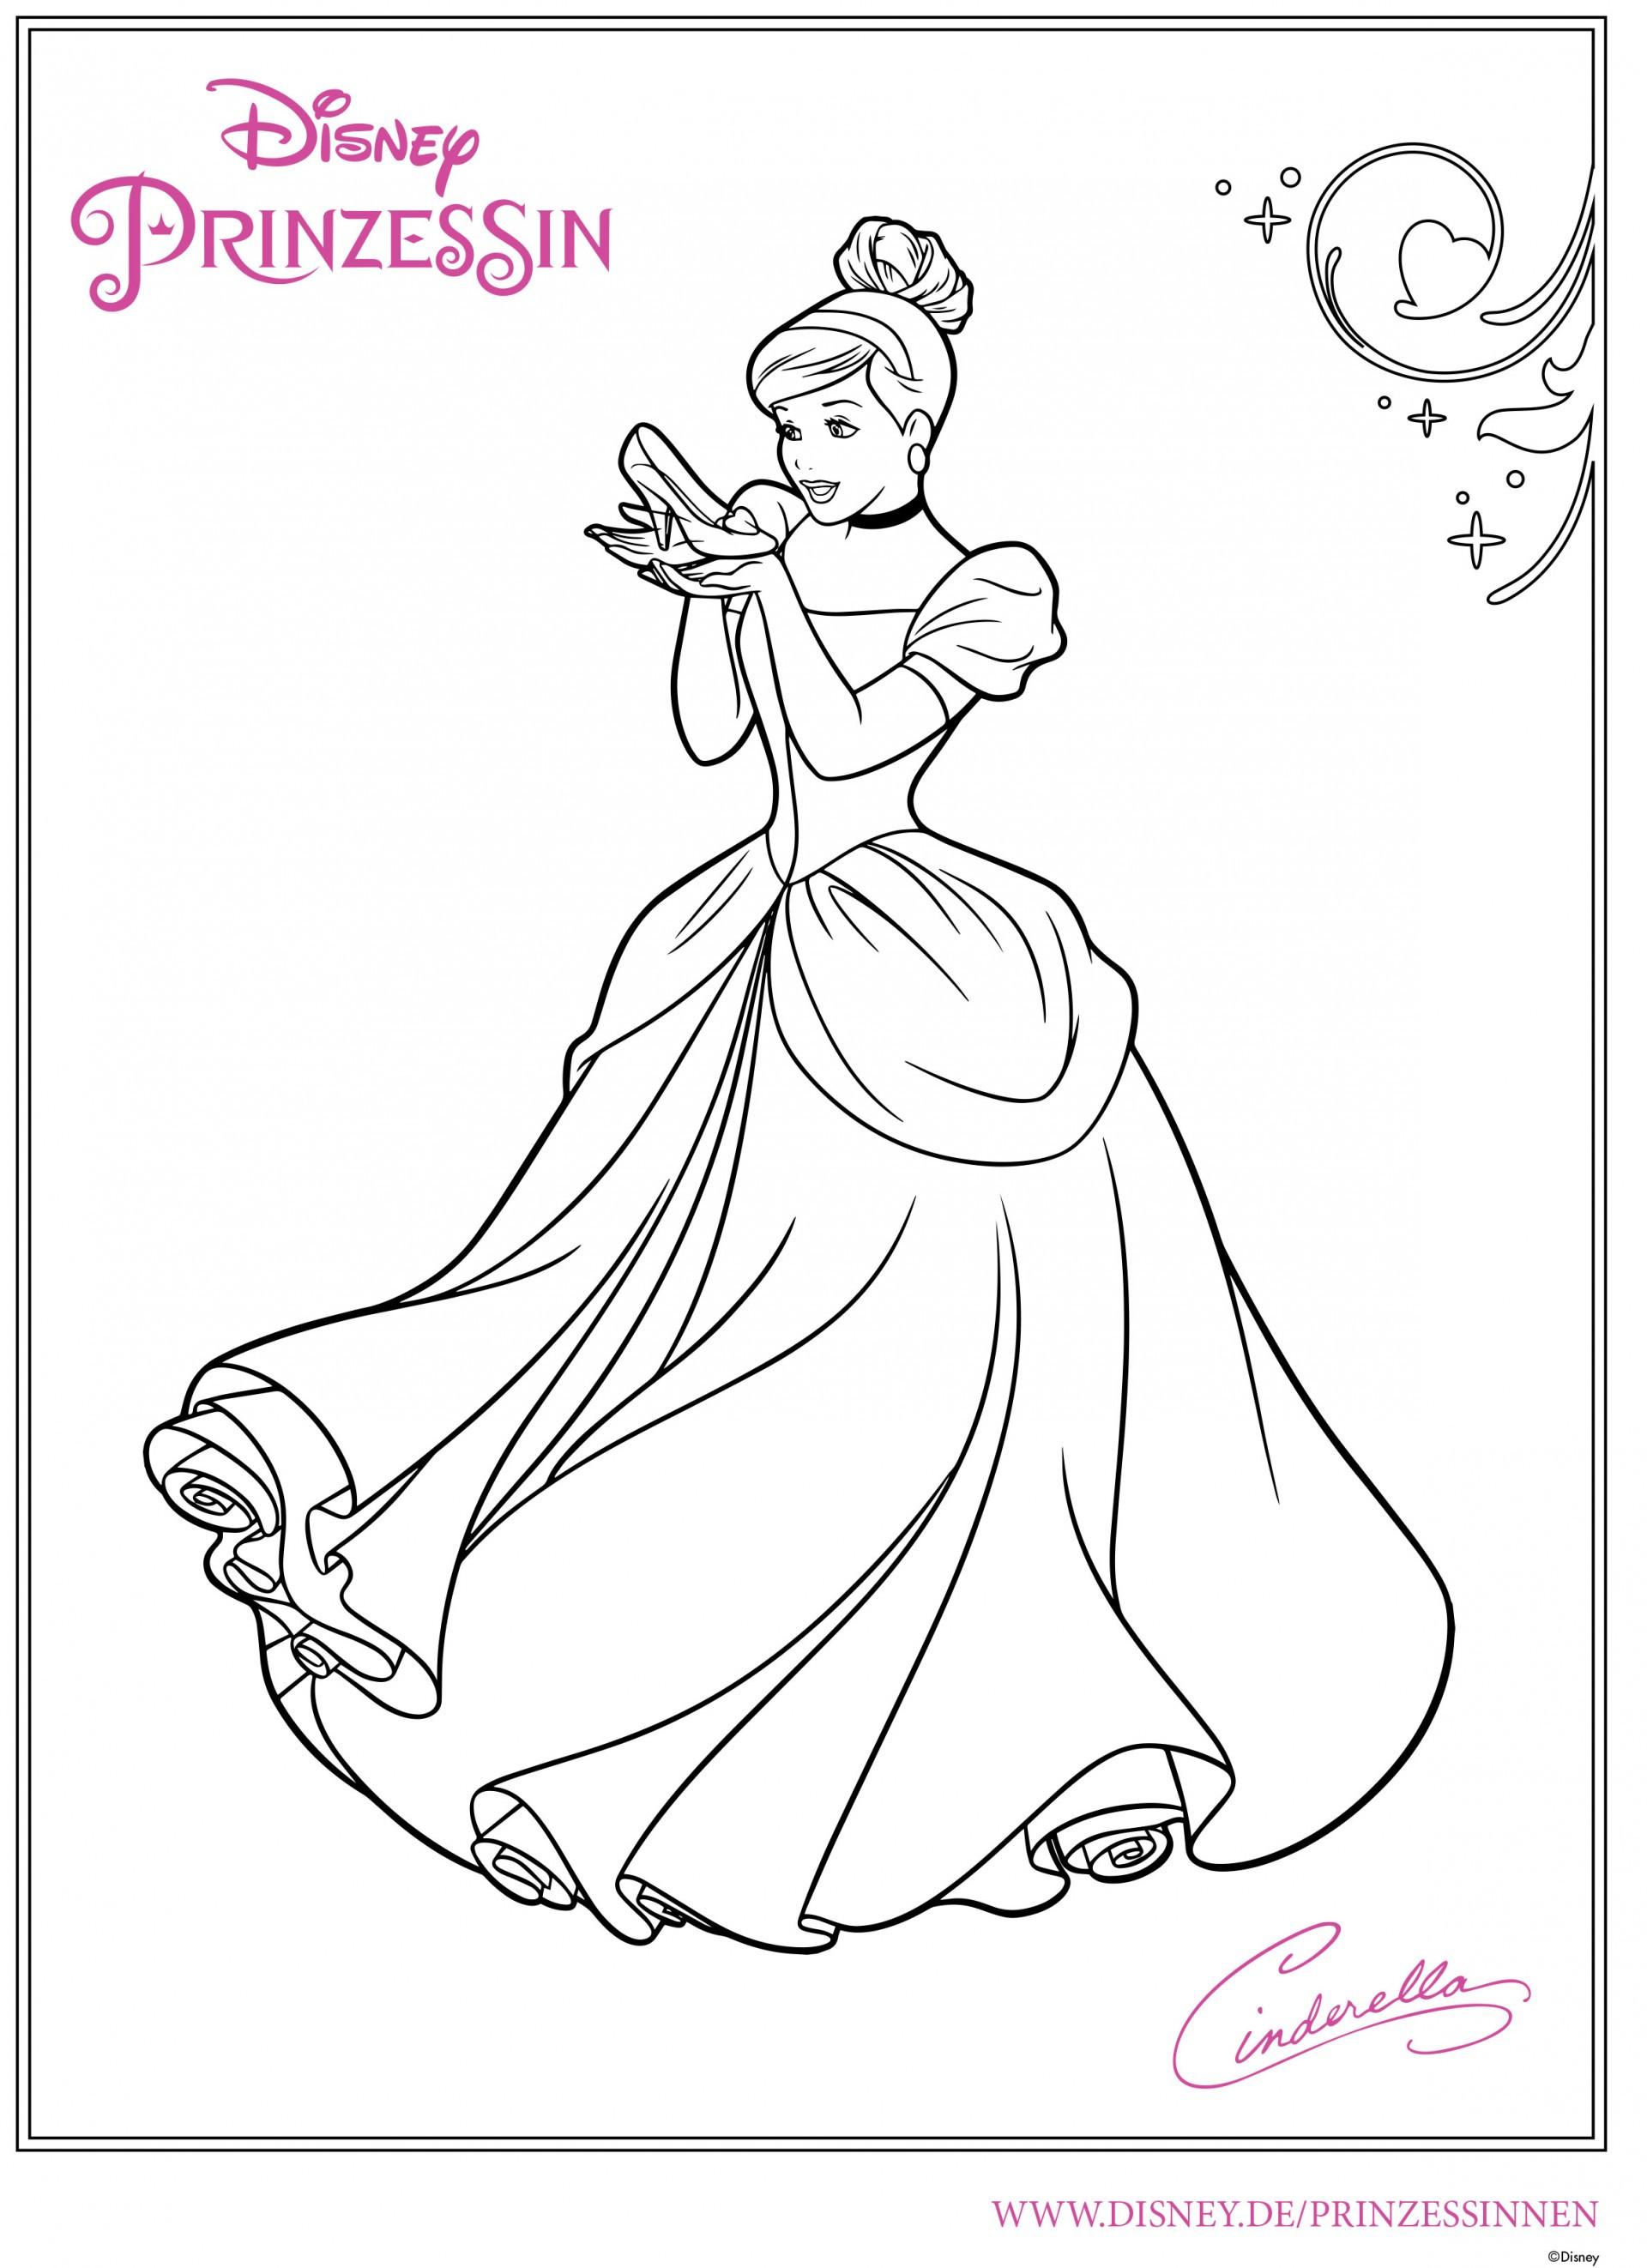 Ausmalbilder Superhelden Inspirierend Herausragend Prinzessin Ausmalbilder Disney Prinzessin Fotos